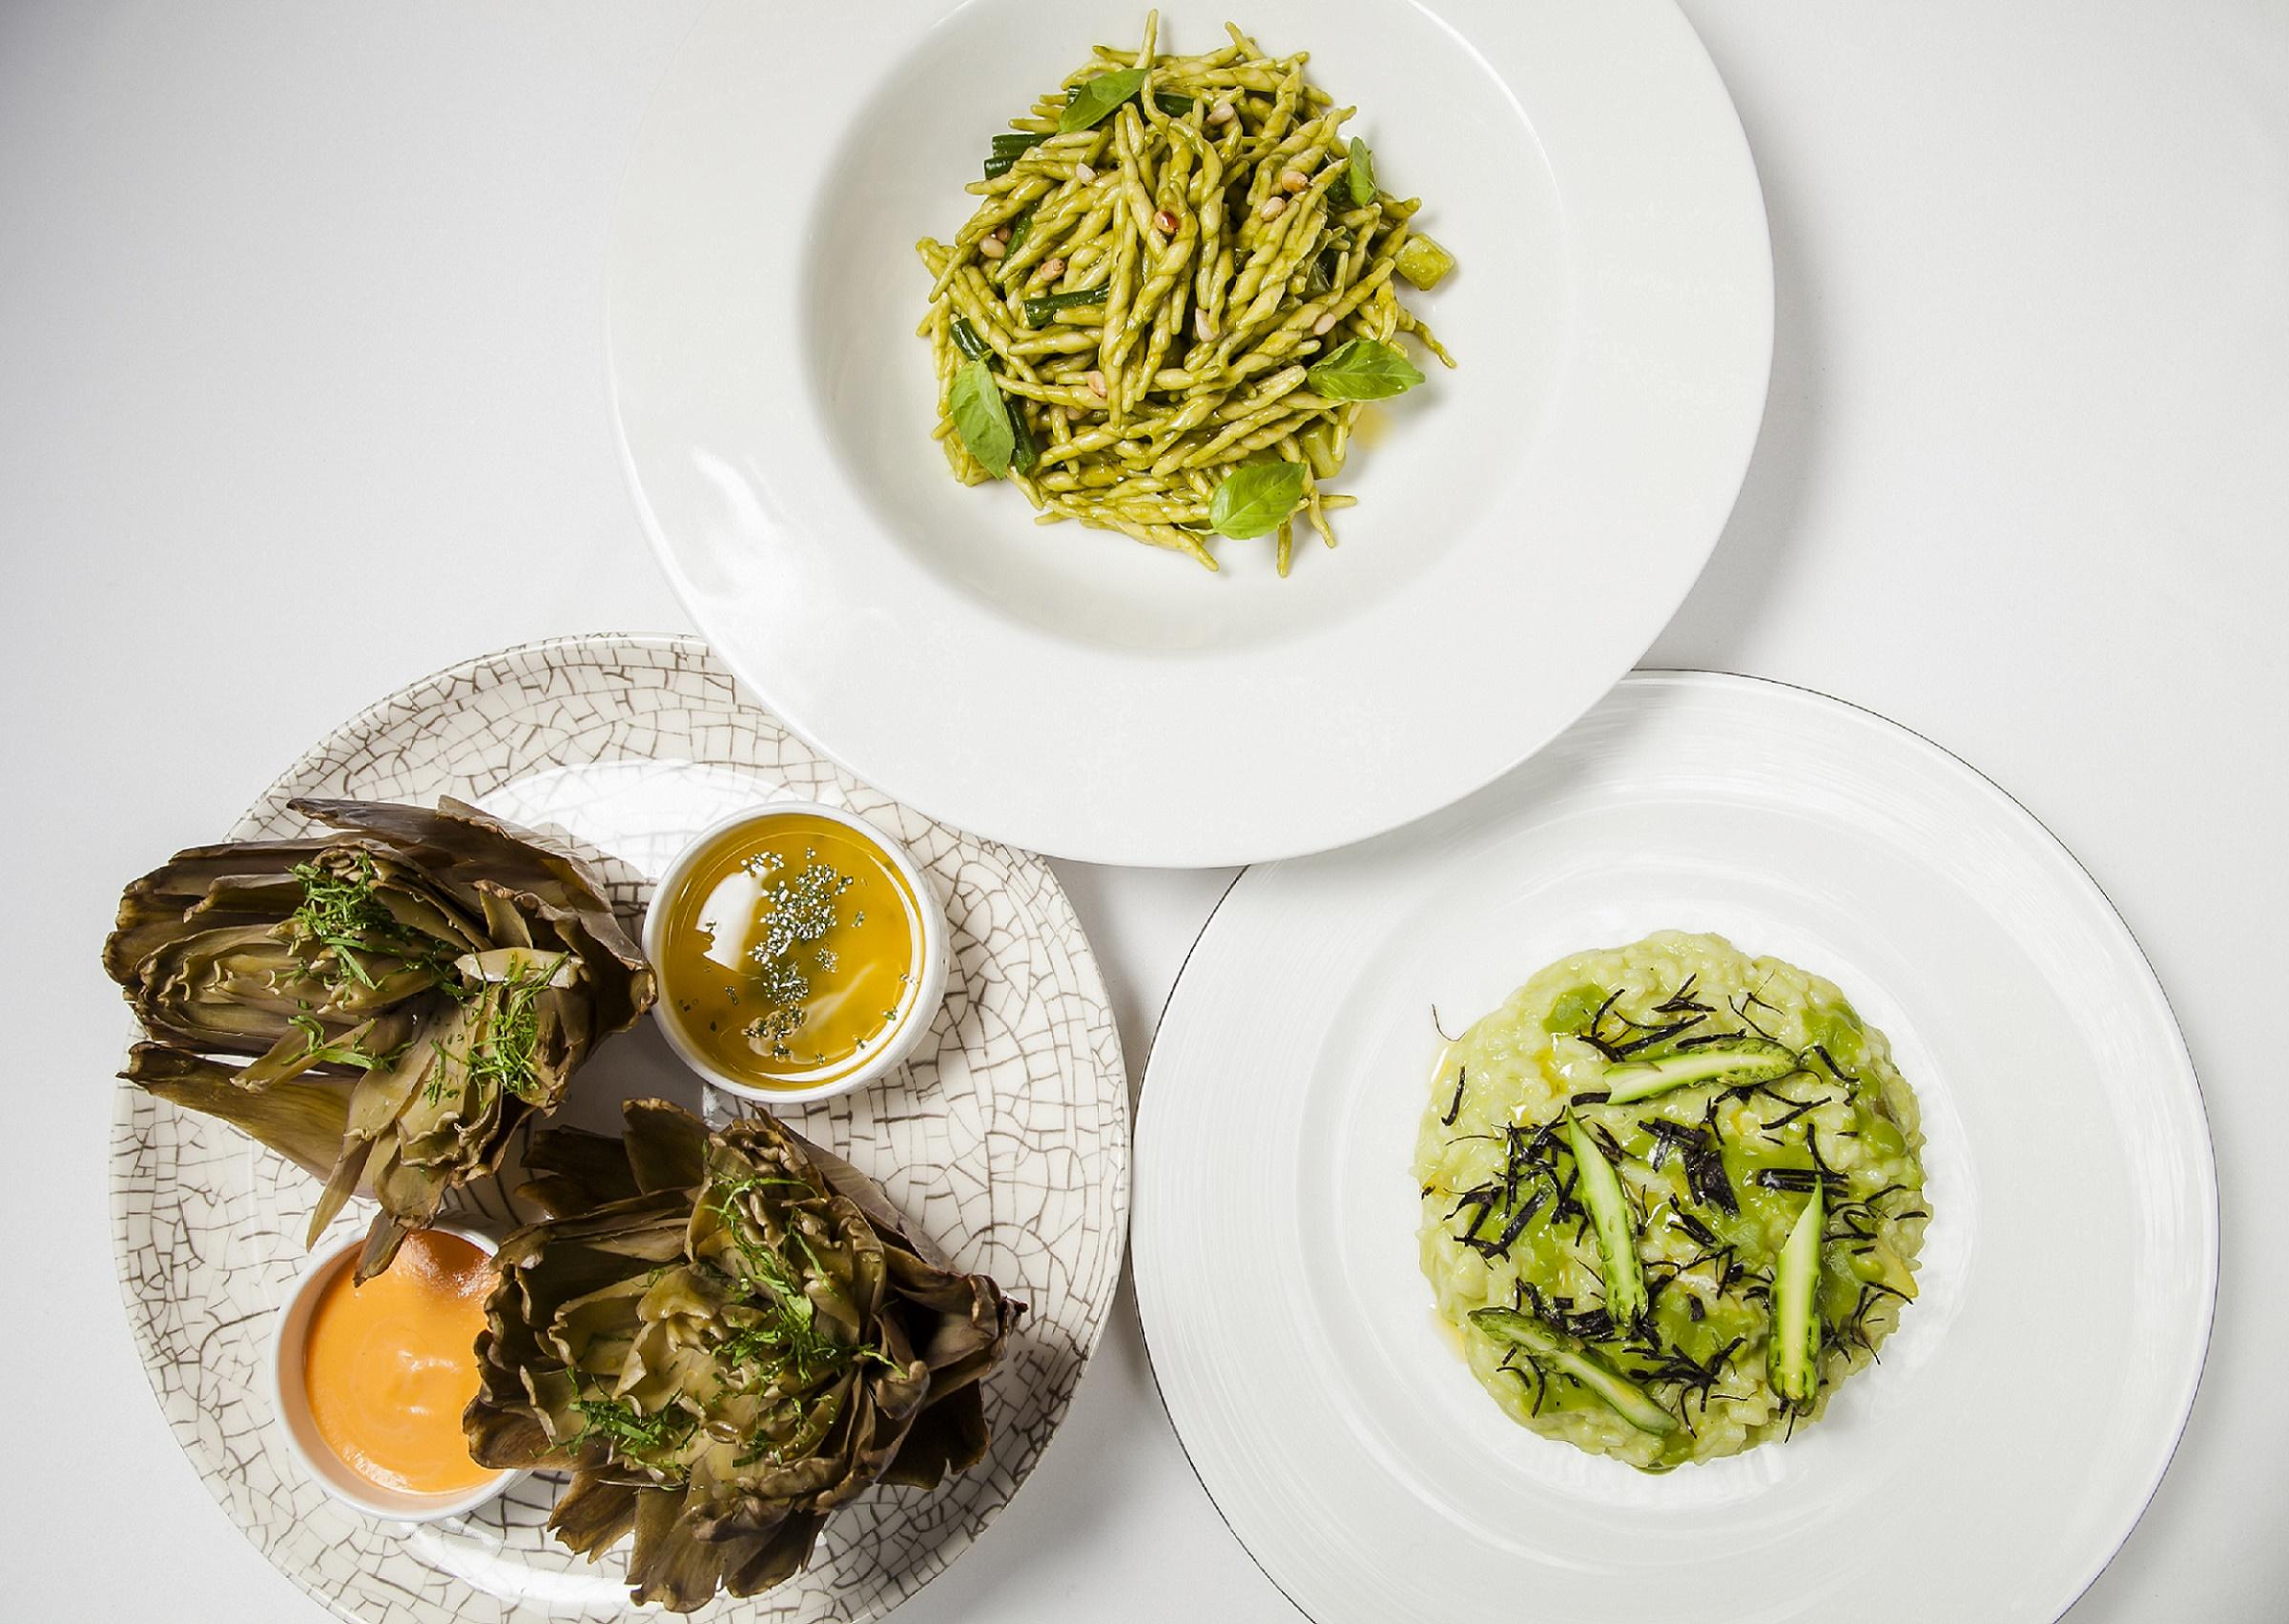 Фото: Постные блюда в ресторанах Москвы. Часть I